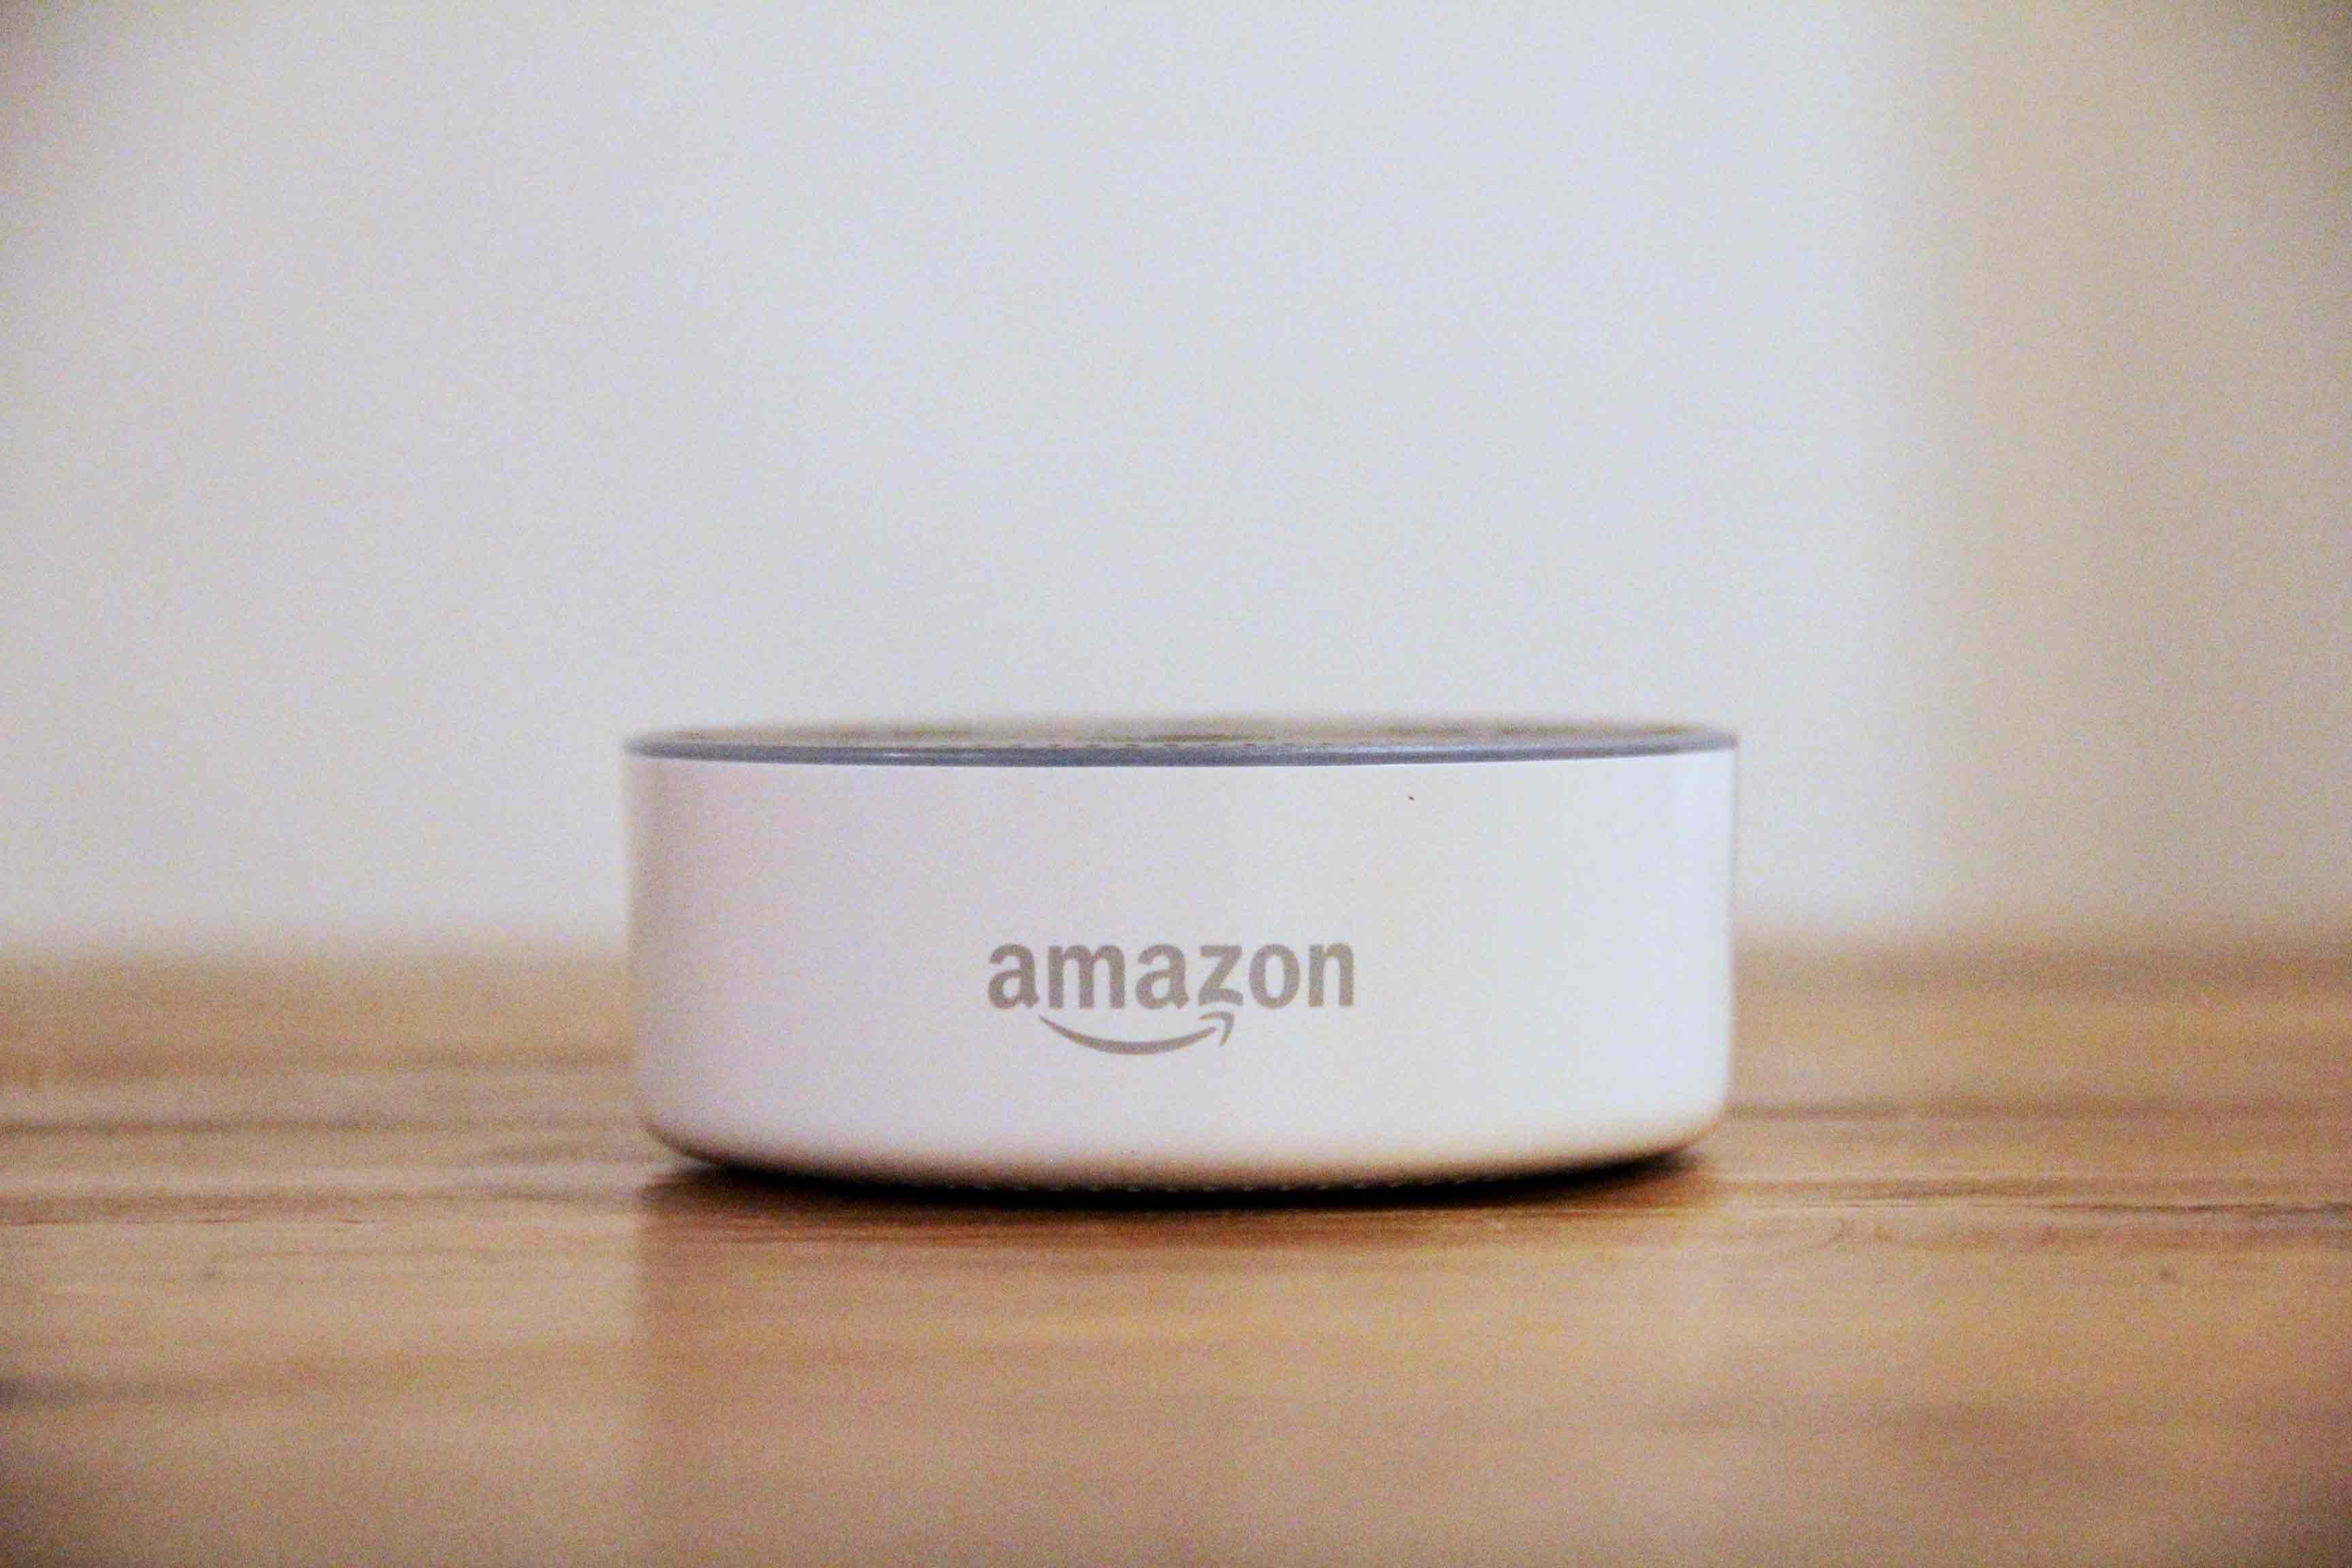 AmazonEchoDot本体